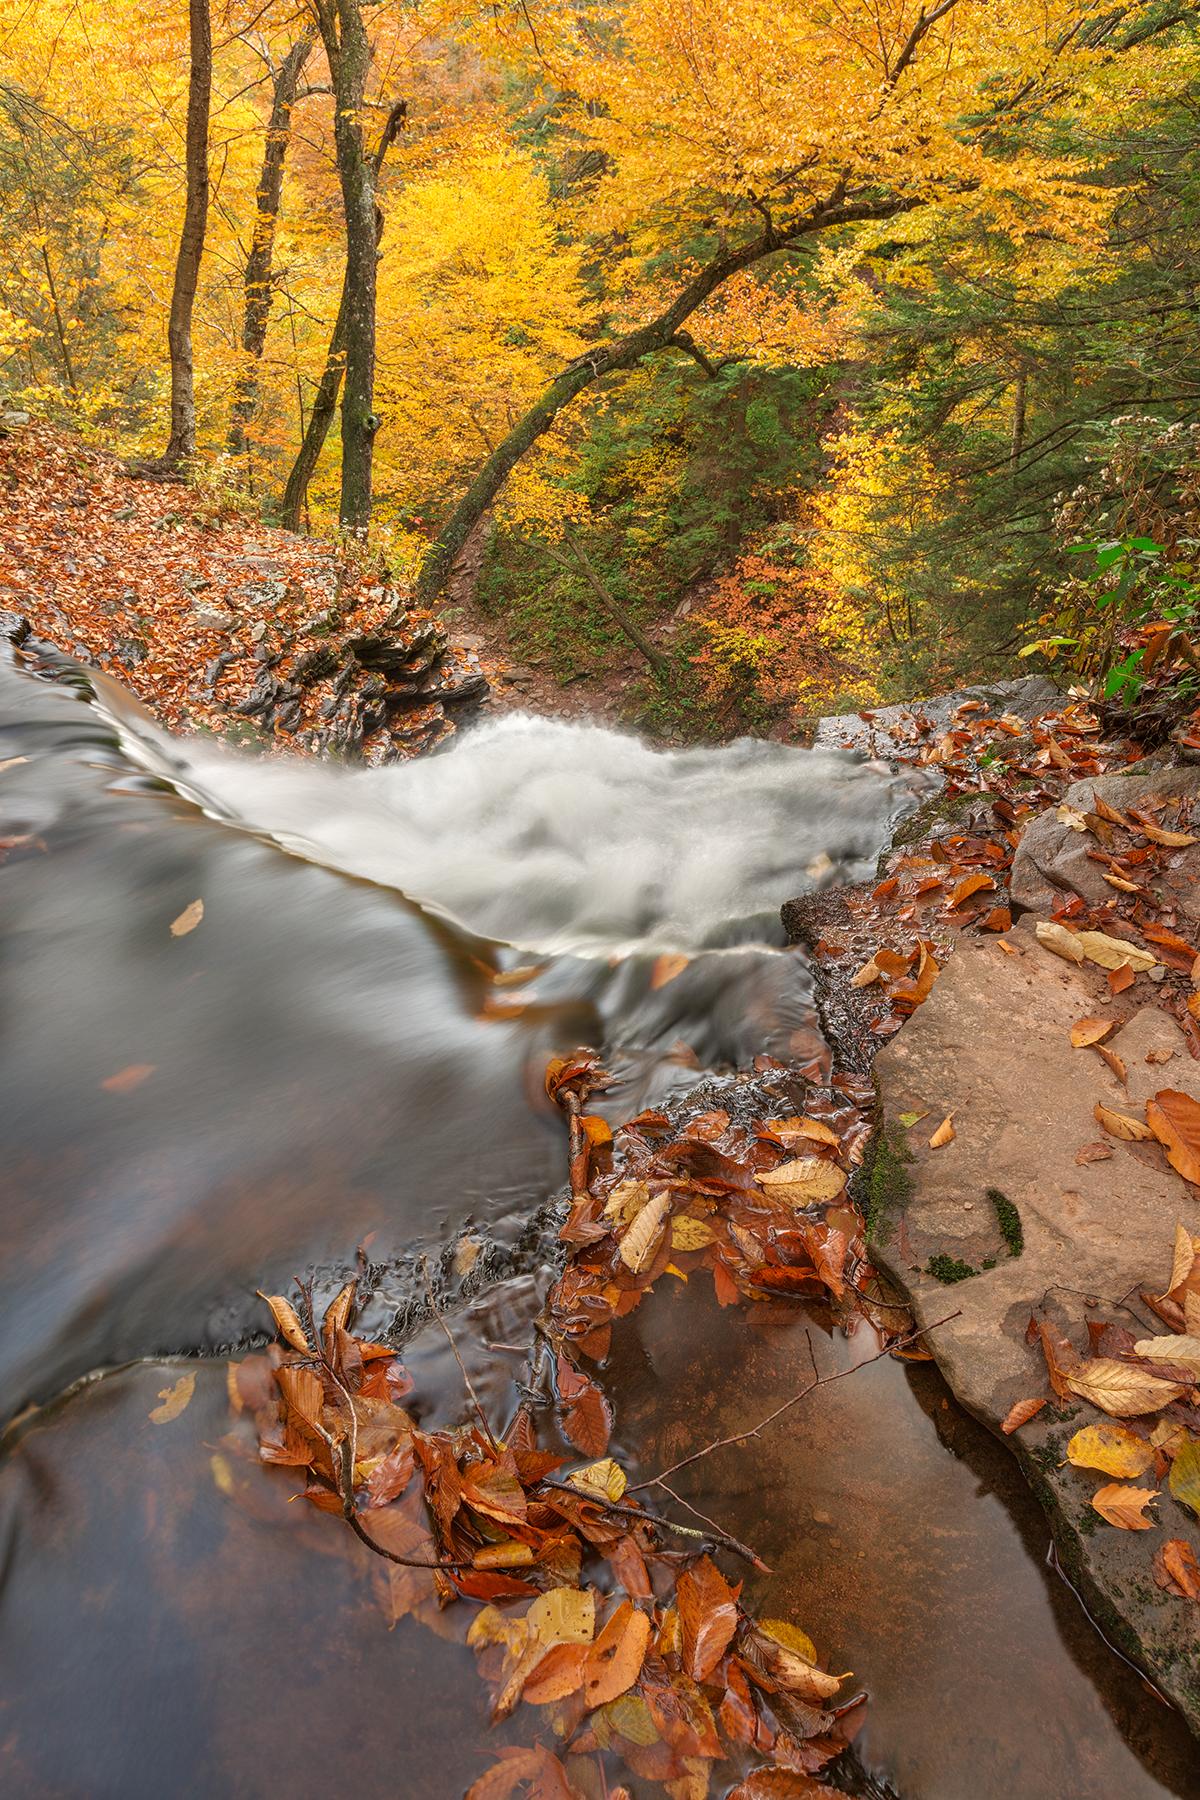 Autumn Waterfall Precipice - HDR, America, Pennsylvania, Serene, Scenic, HQ Photo